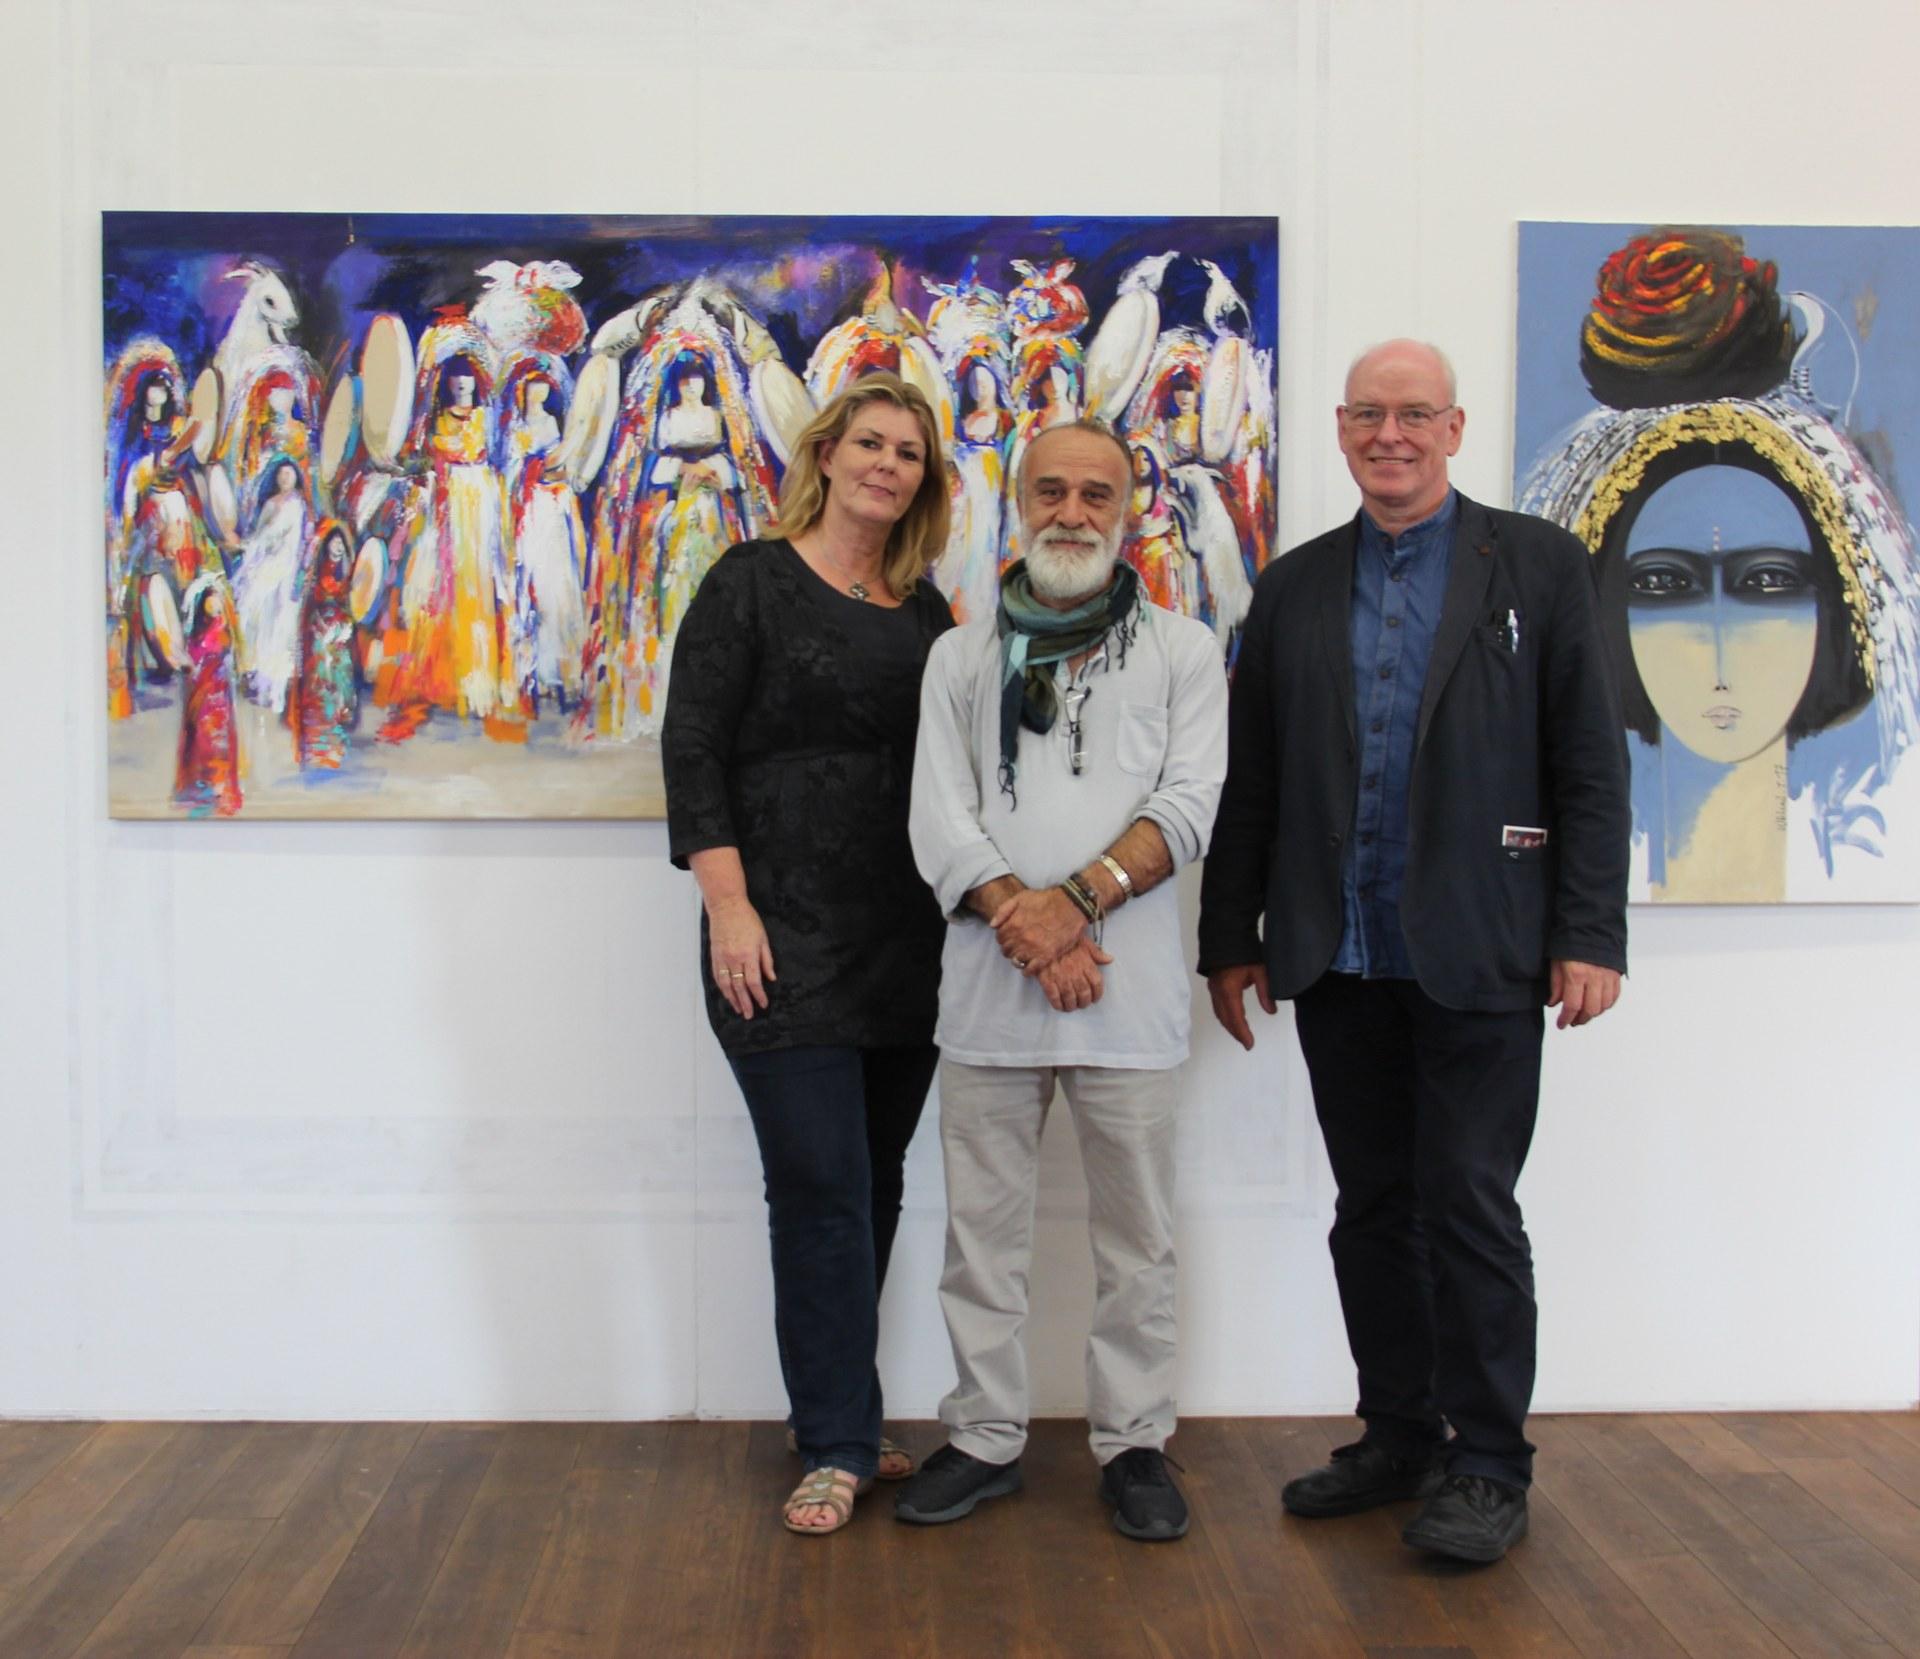 Künstler Waleed Ibrahim zusammen mit Kulturamtsleiter Harald Müller (rechts) und Künstlerin Beate Krempe.